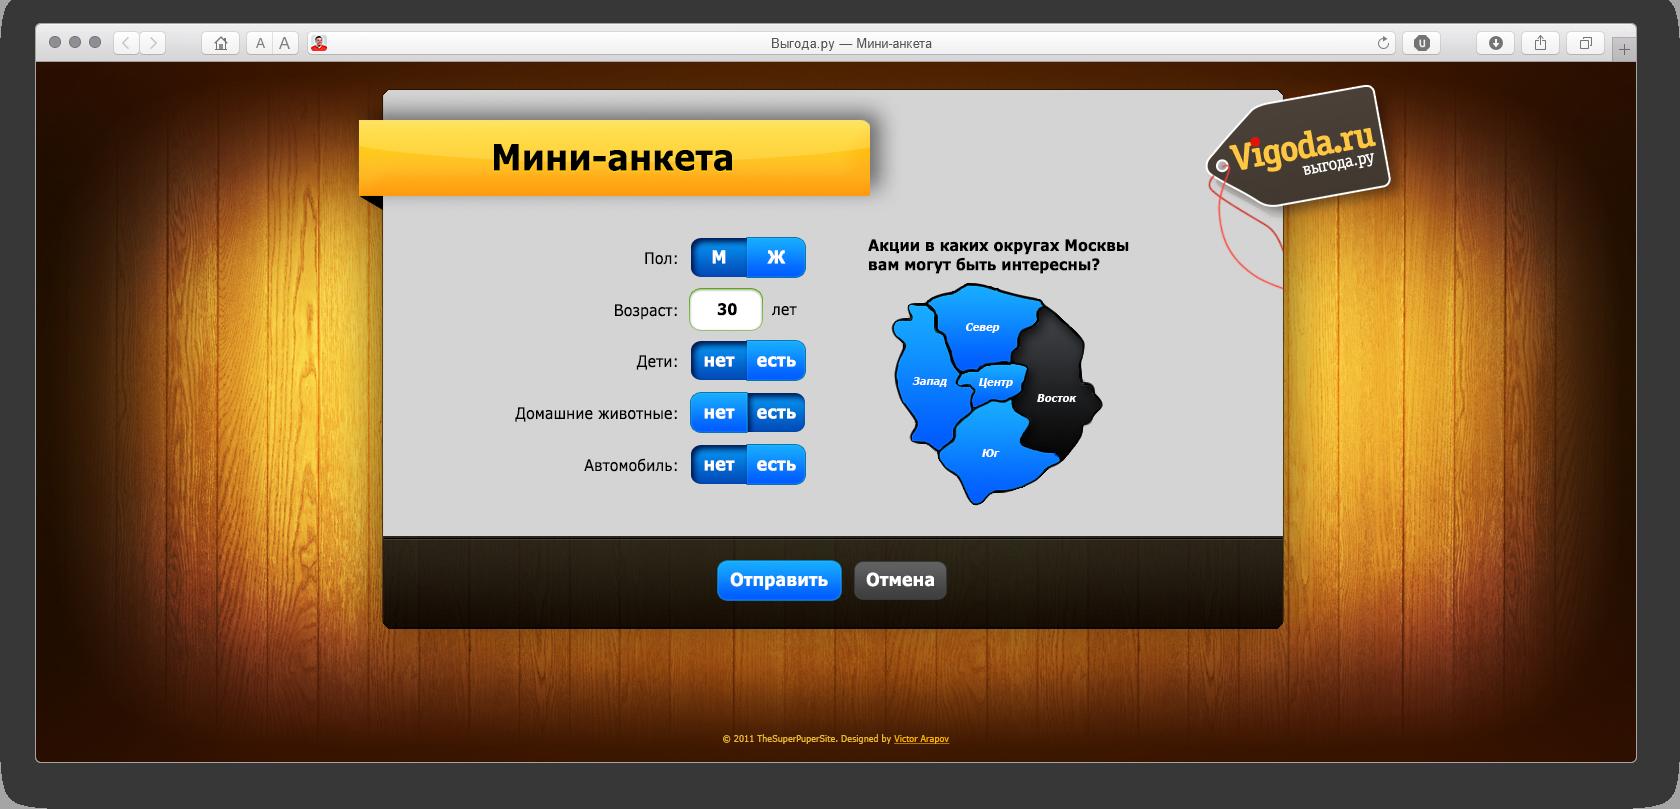 Архив: Выгода.ру